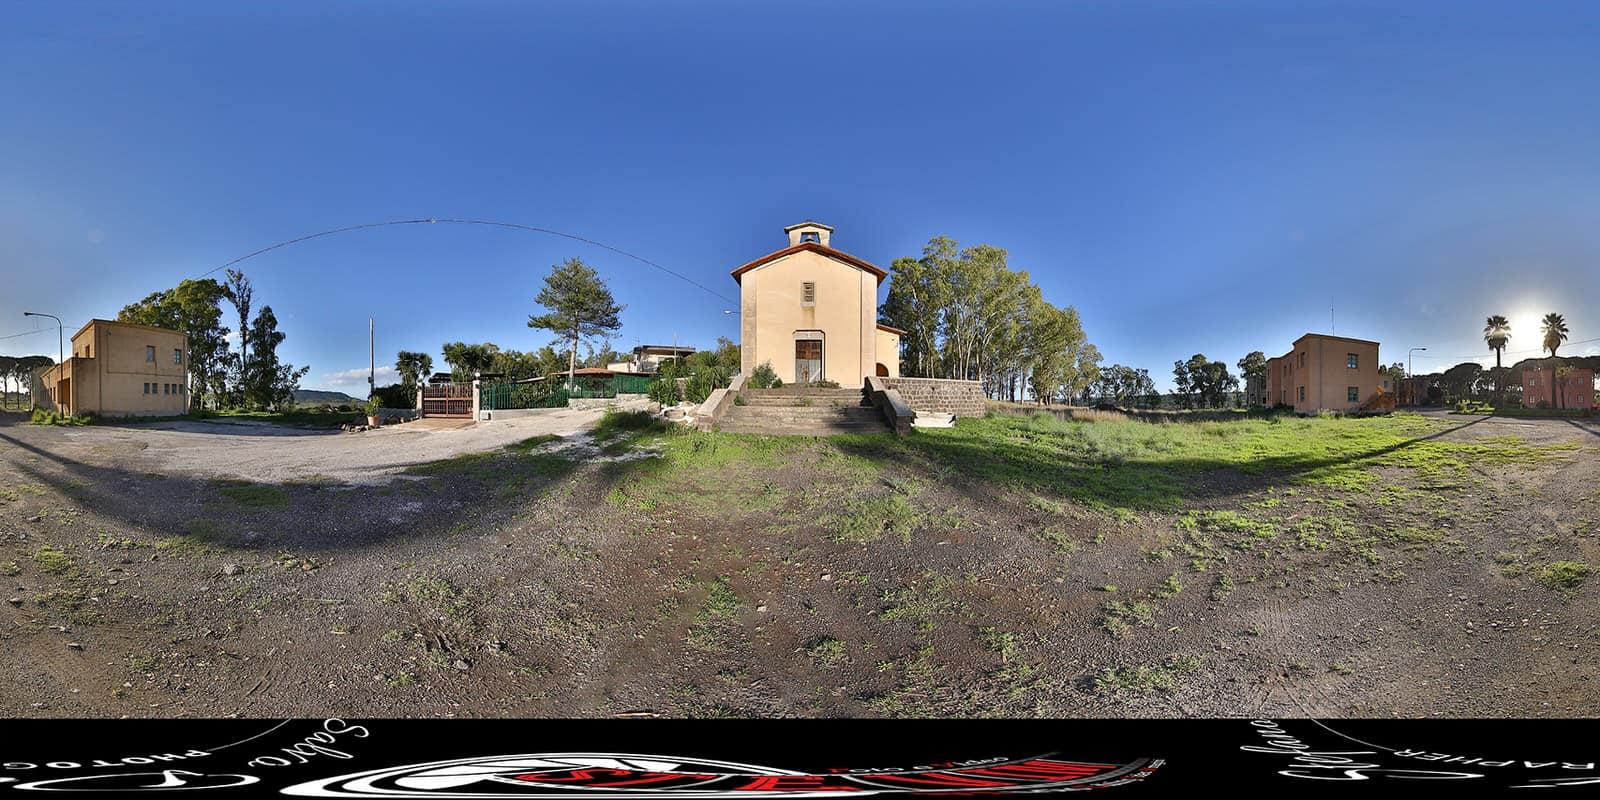 Borgo Rizza carlentini vista 360°